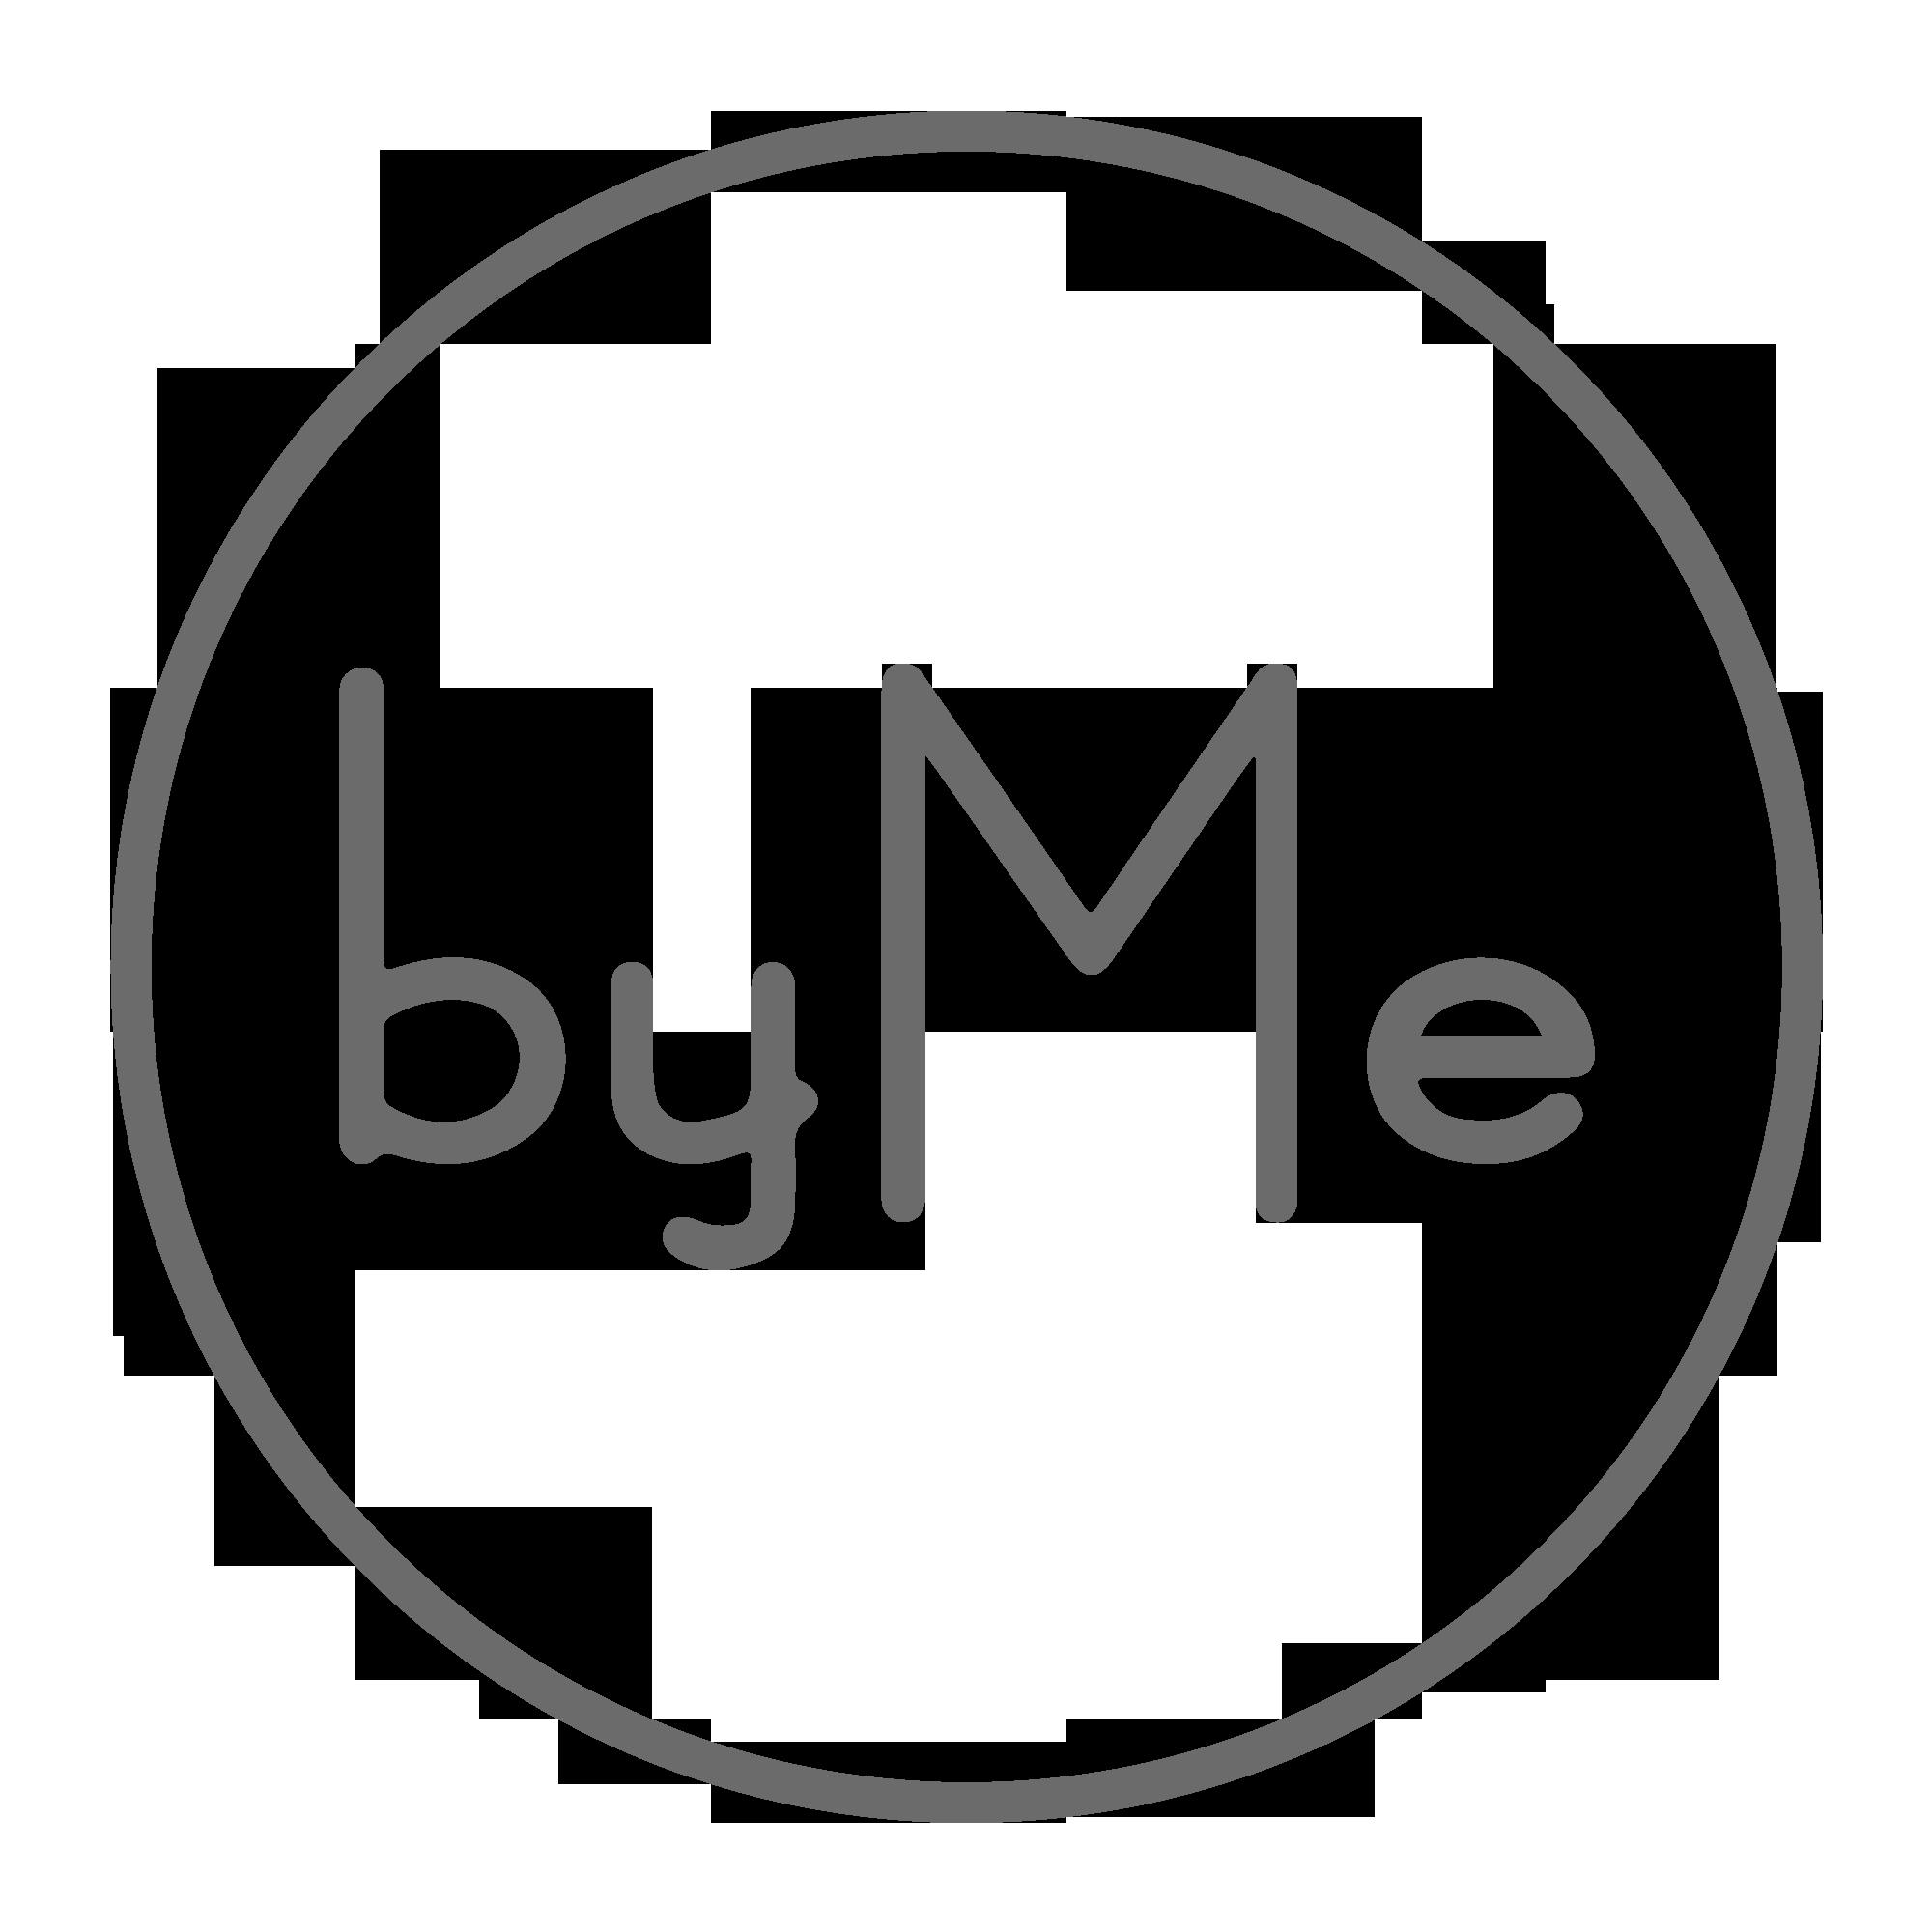 TM byMe